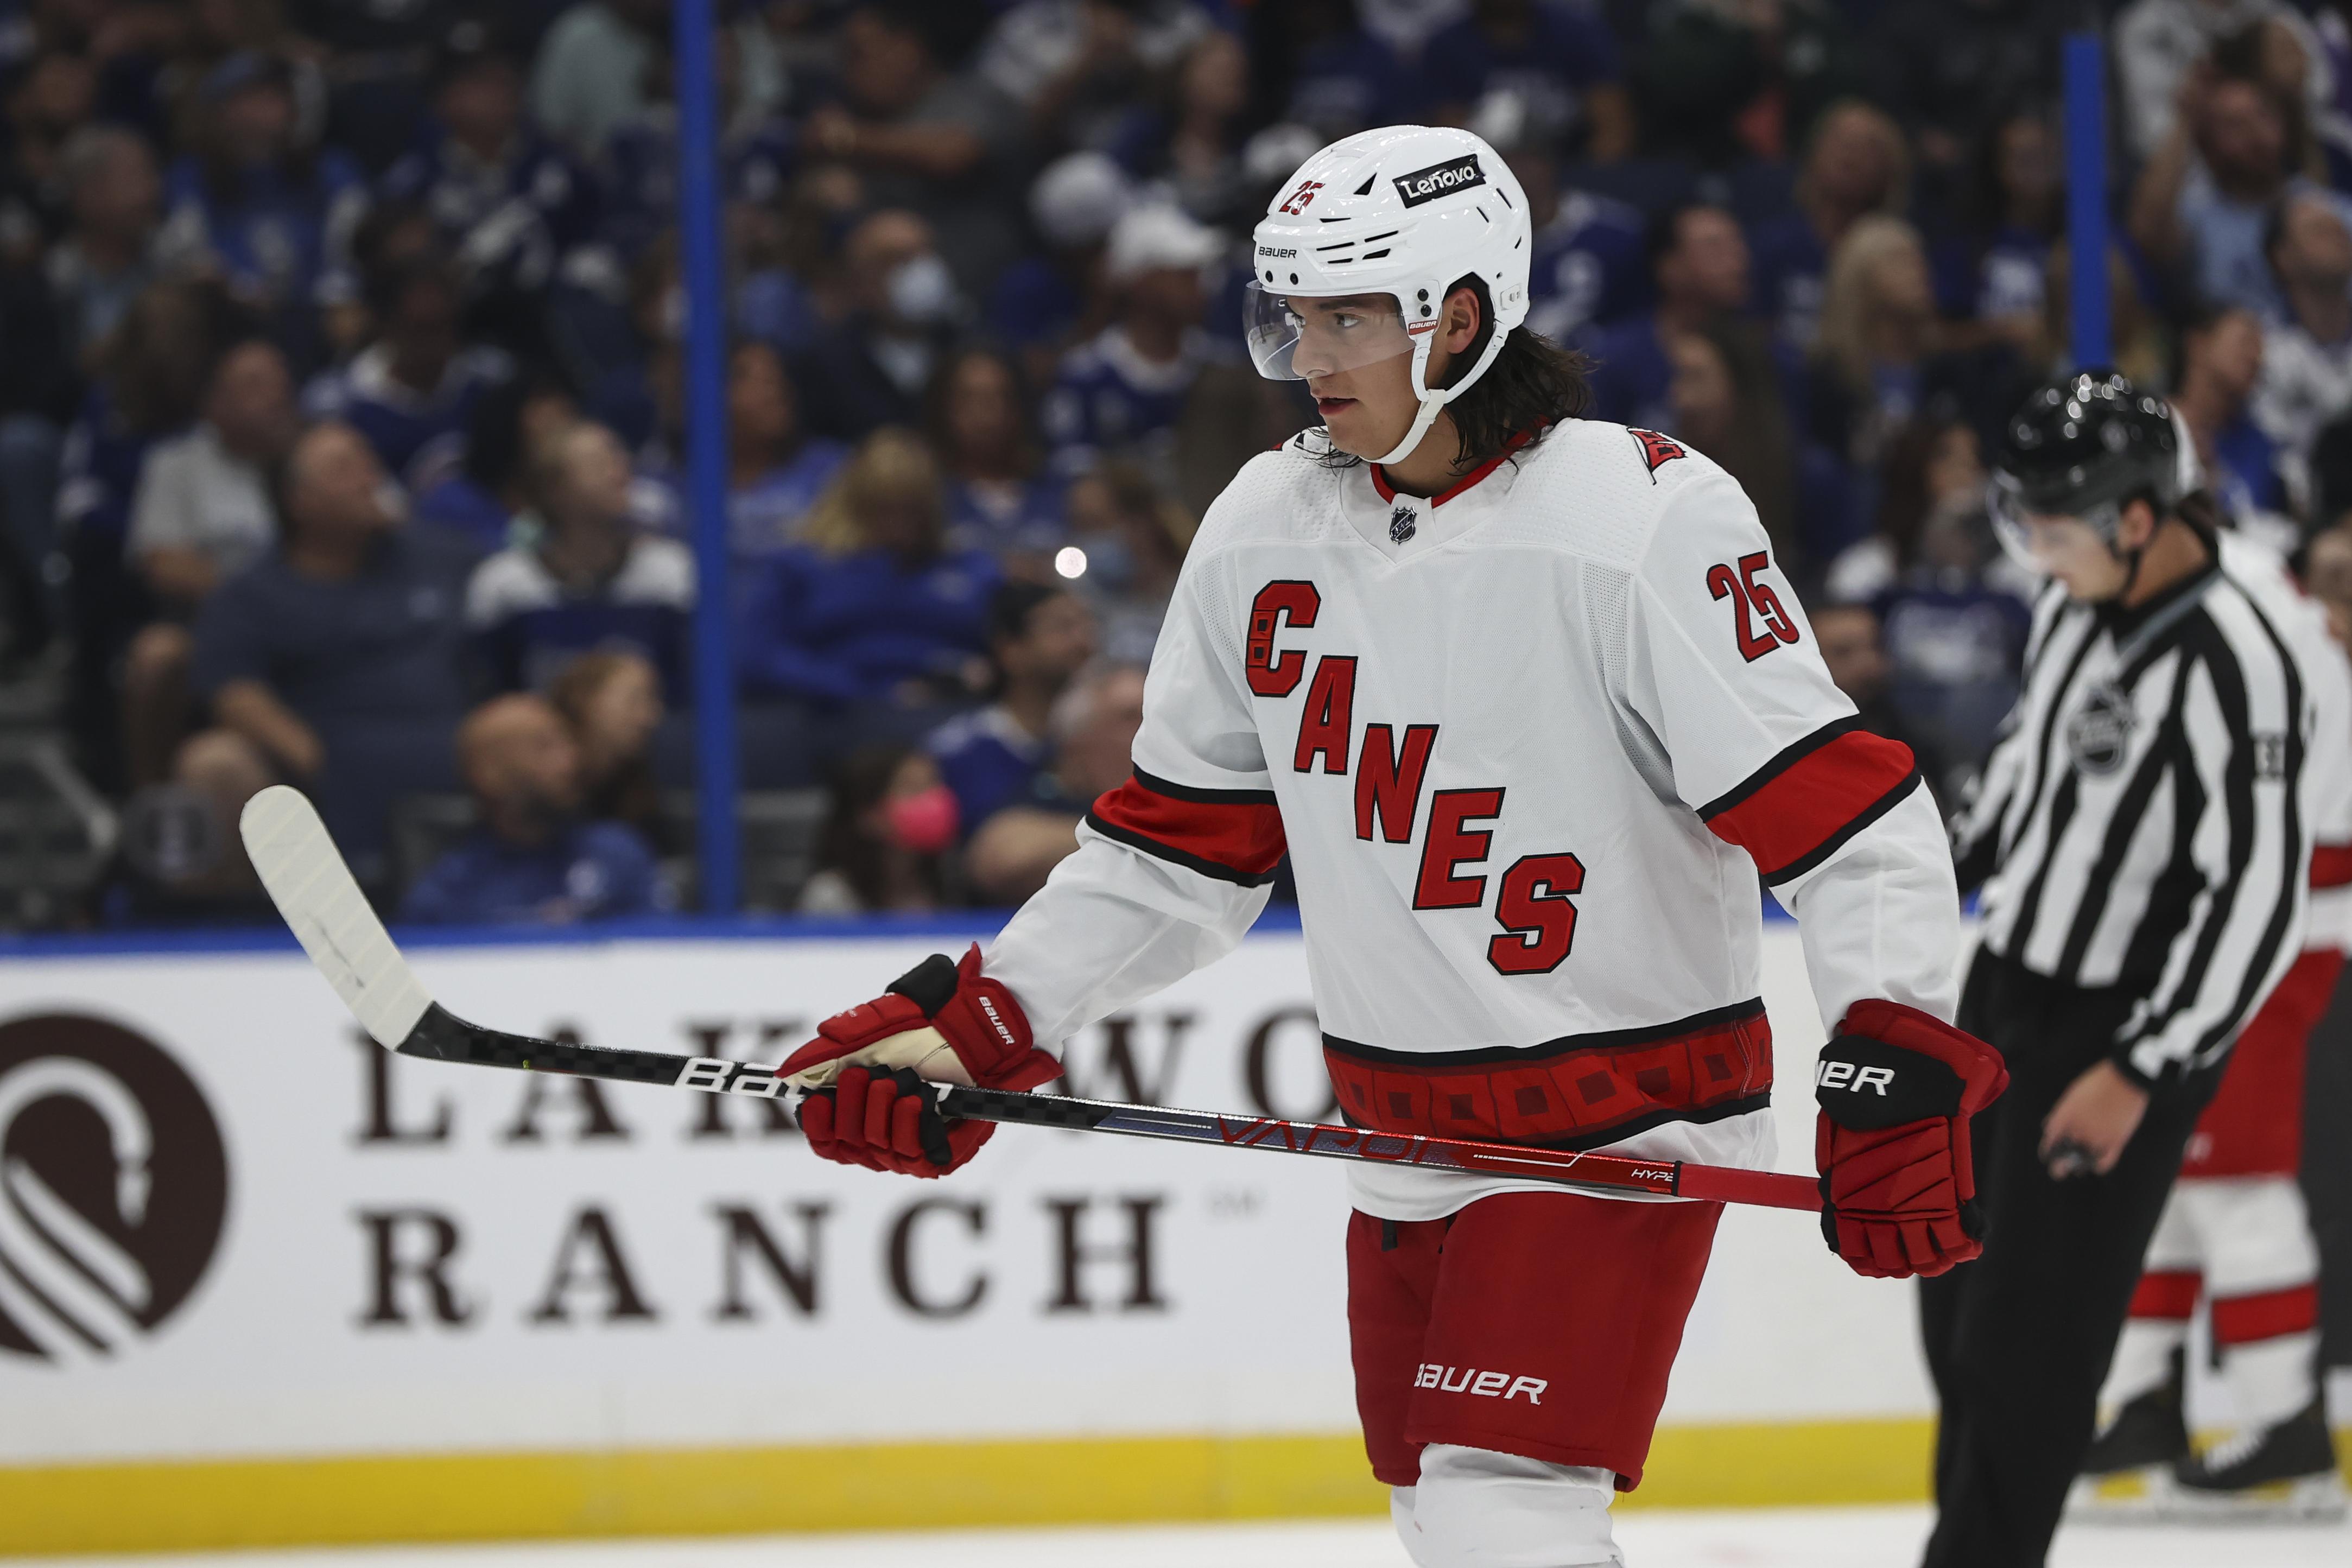 NHL: OCT 01 Preseason - Hurricanes at Lightning